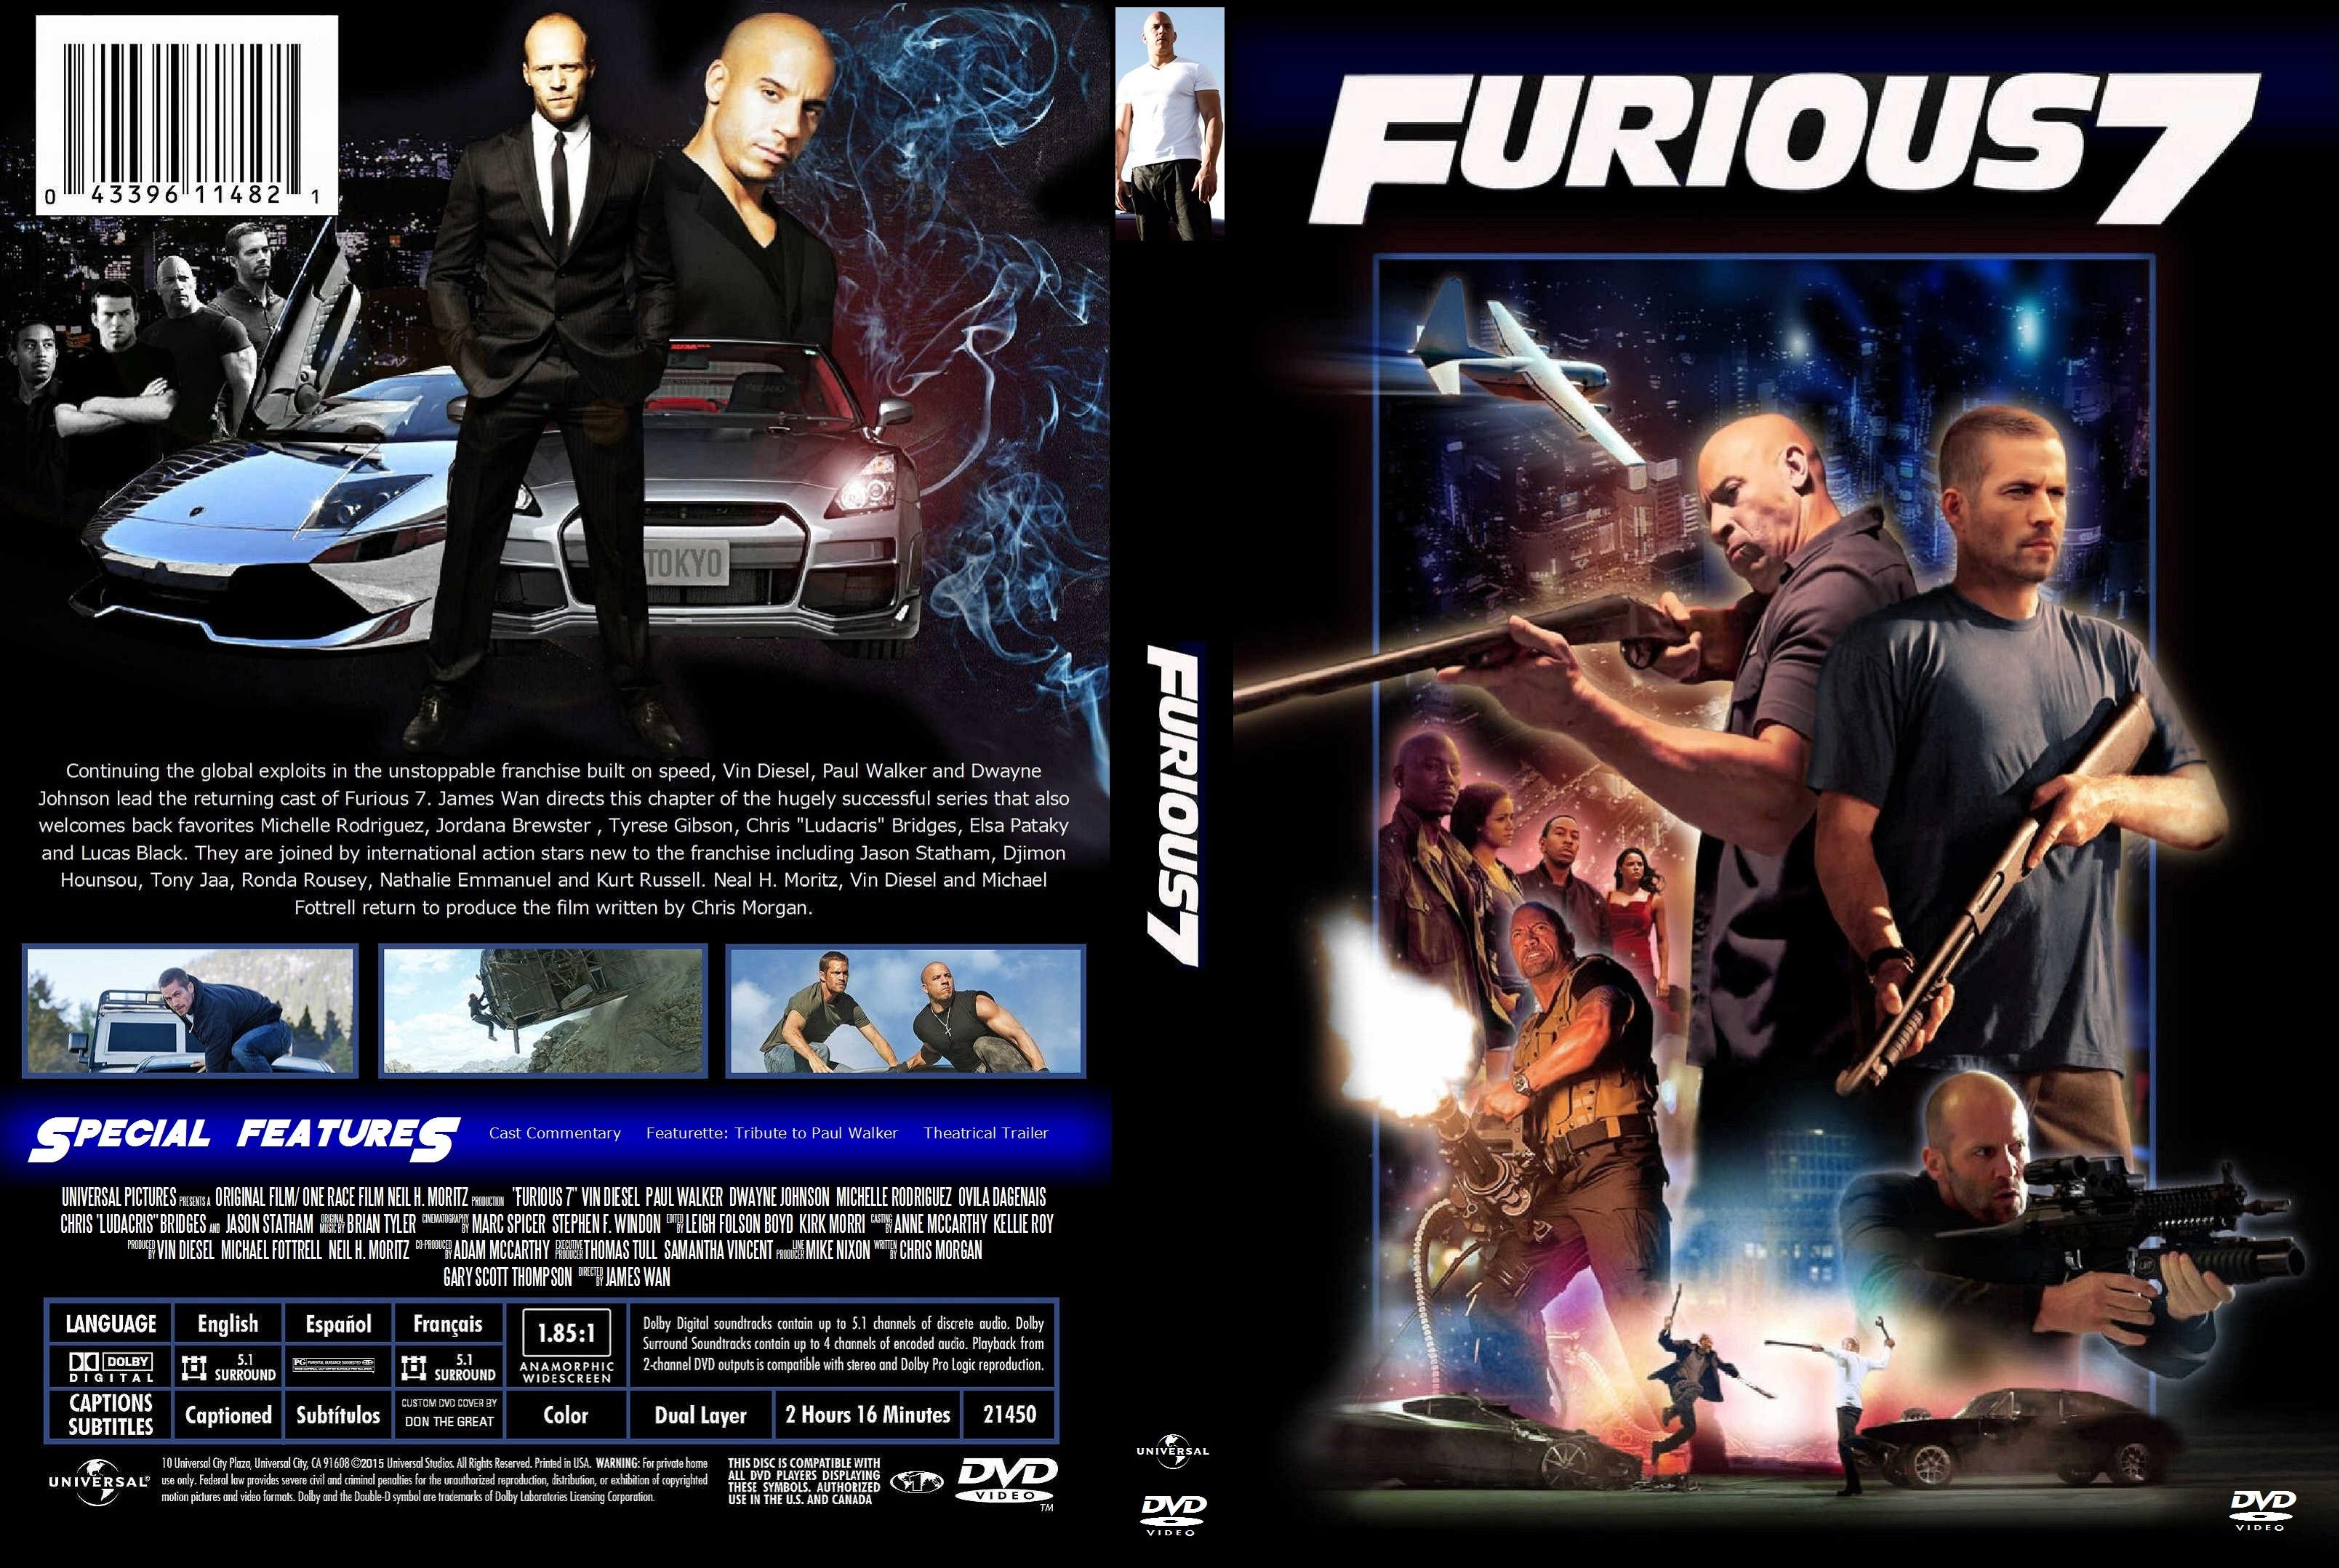 couverture dvd et jaquette